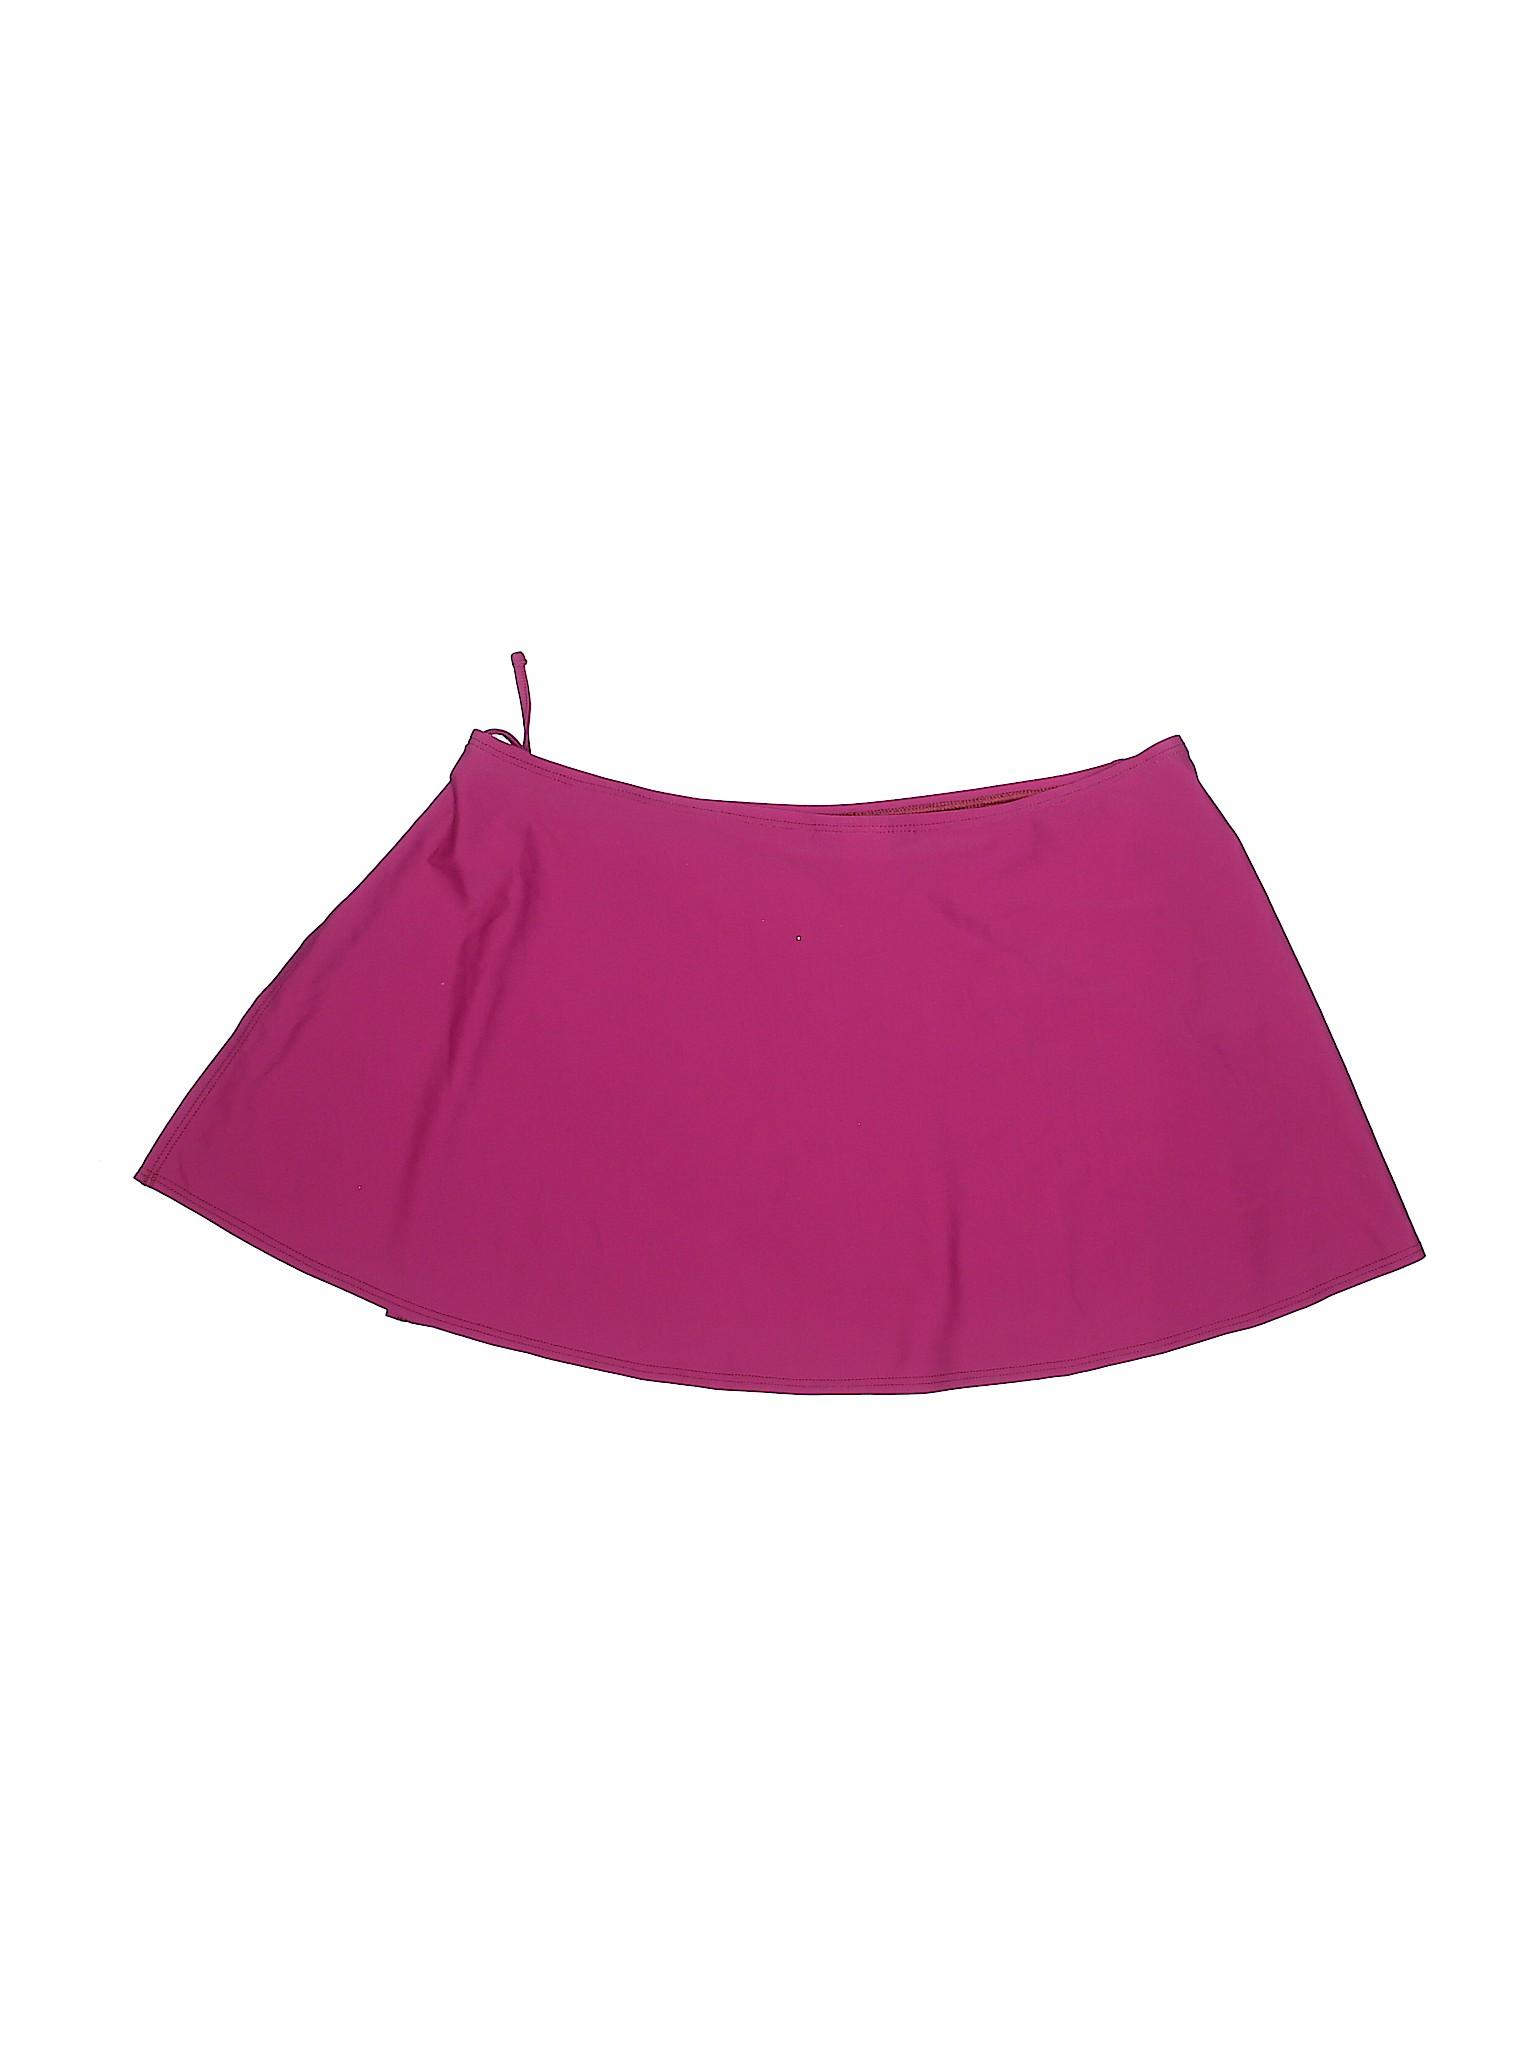 Blanca Boutique Swimsuit La Up Cover TZxHzPgq